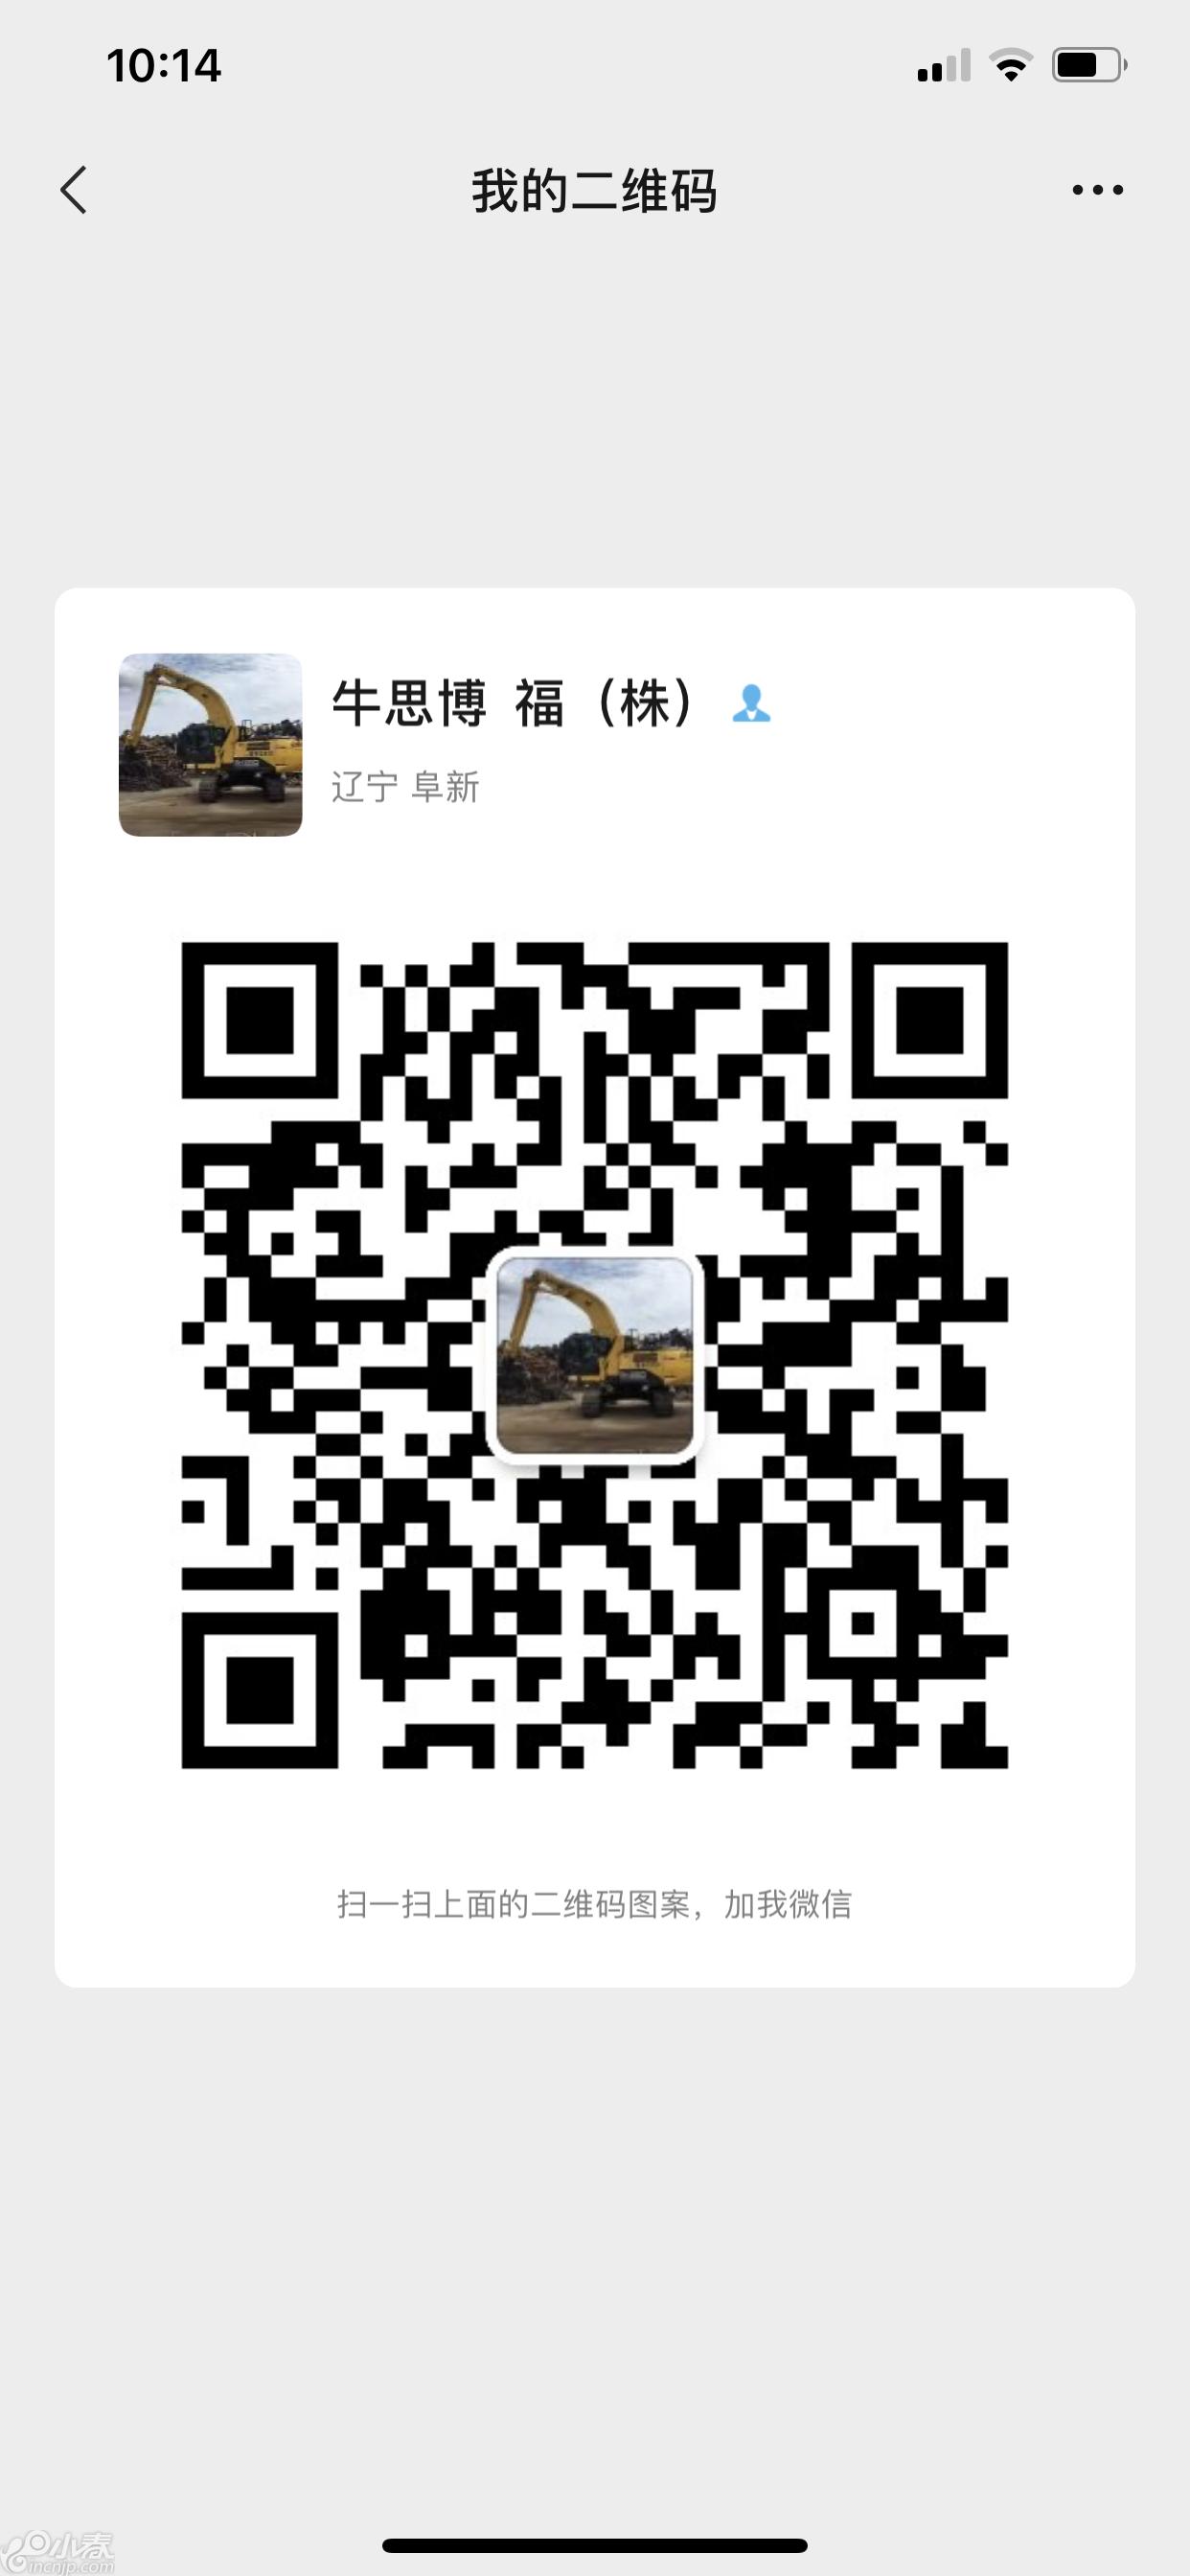 7A880321-4FD5-4685-89E1-A7F3D210C18C.png